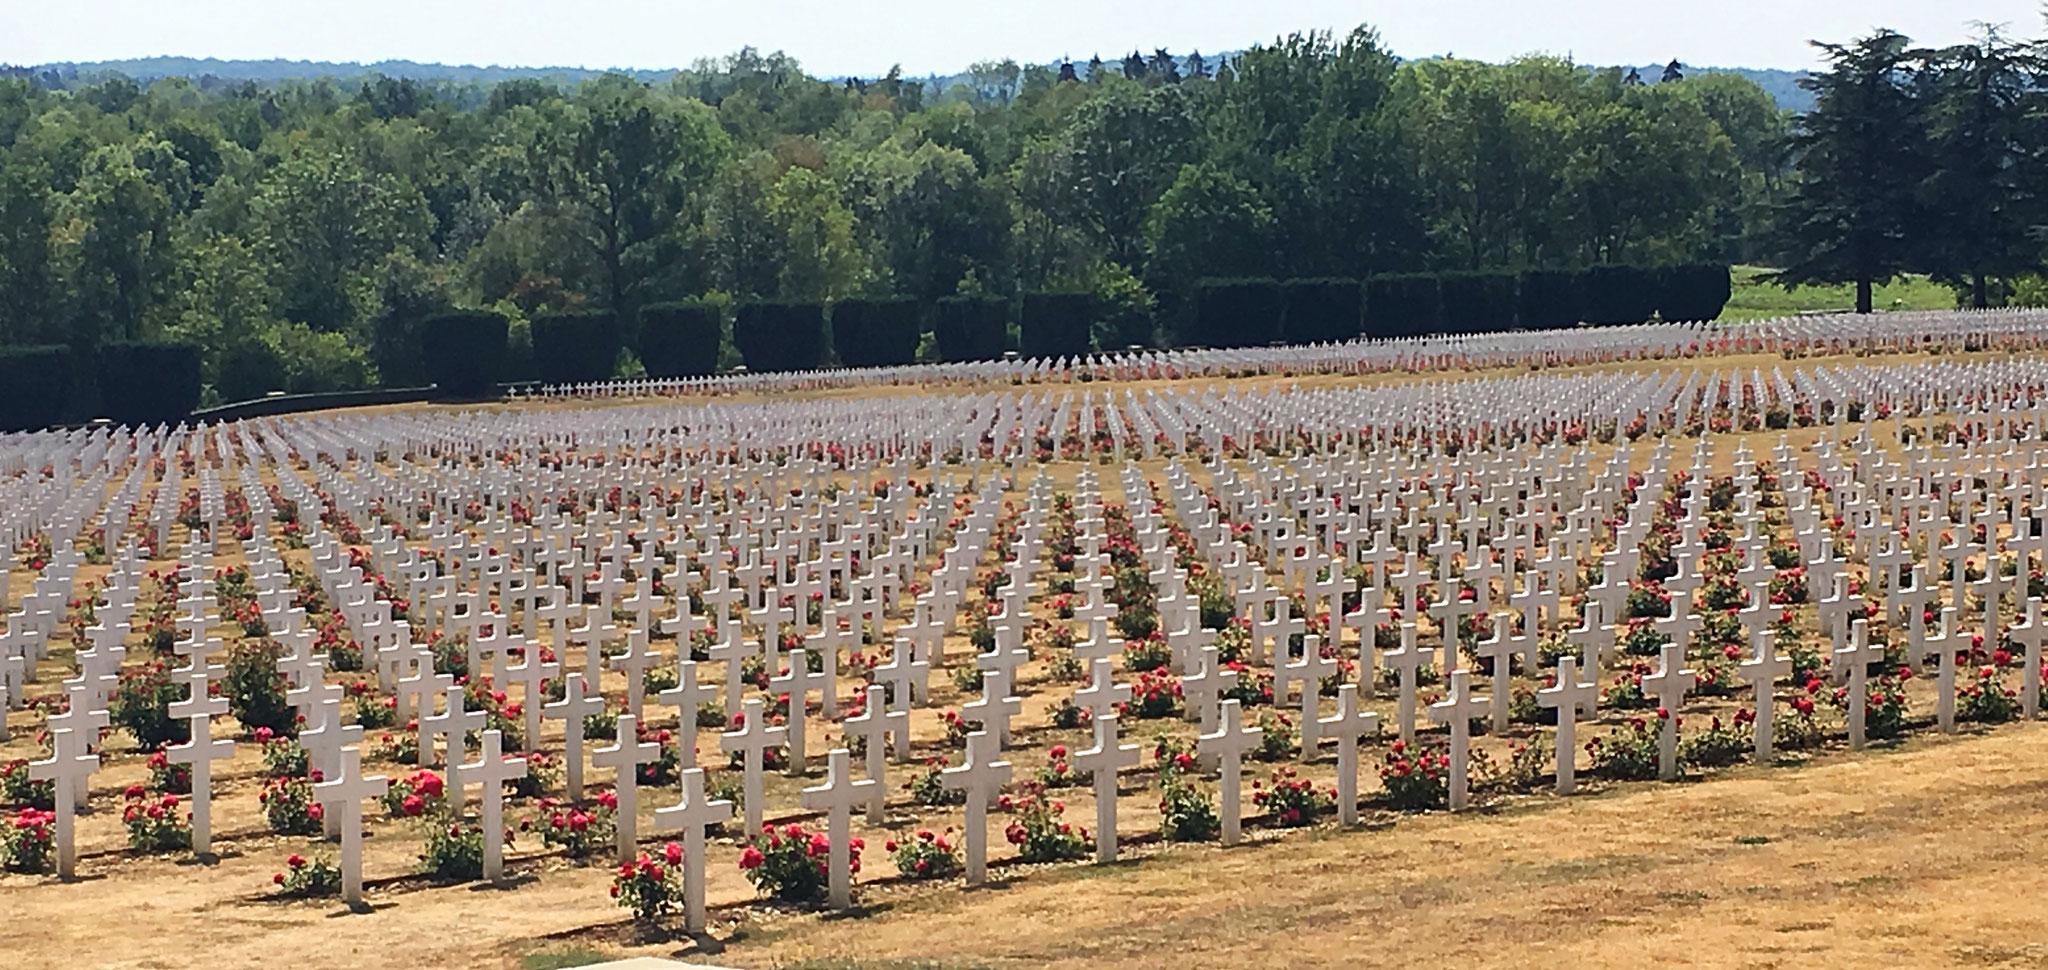 Vor dem Beinhaus befinden sich die Gräber von rund 16.000 franz. Soldaten.